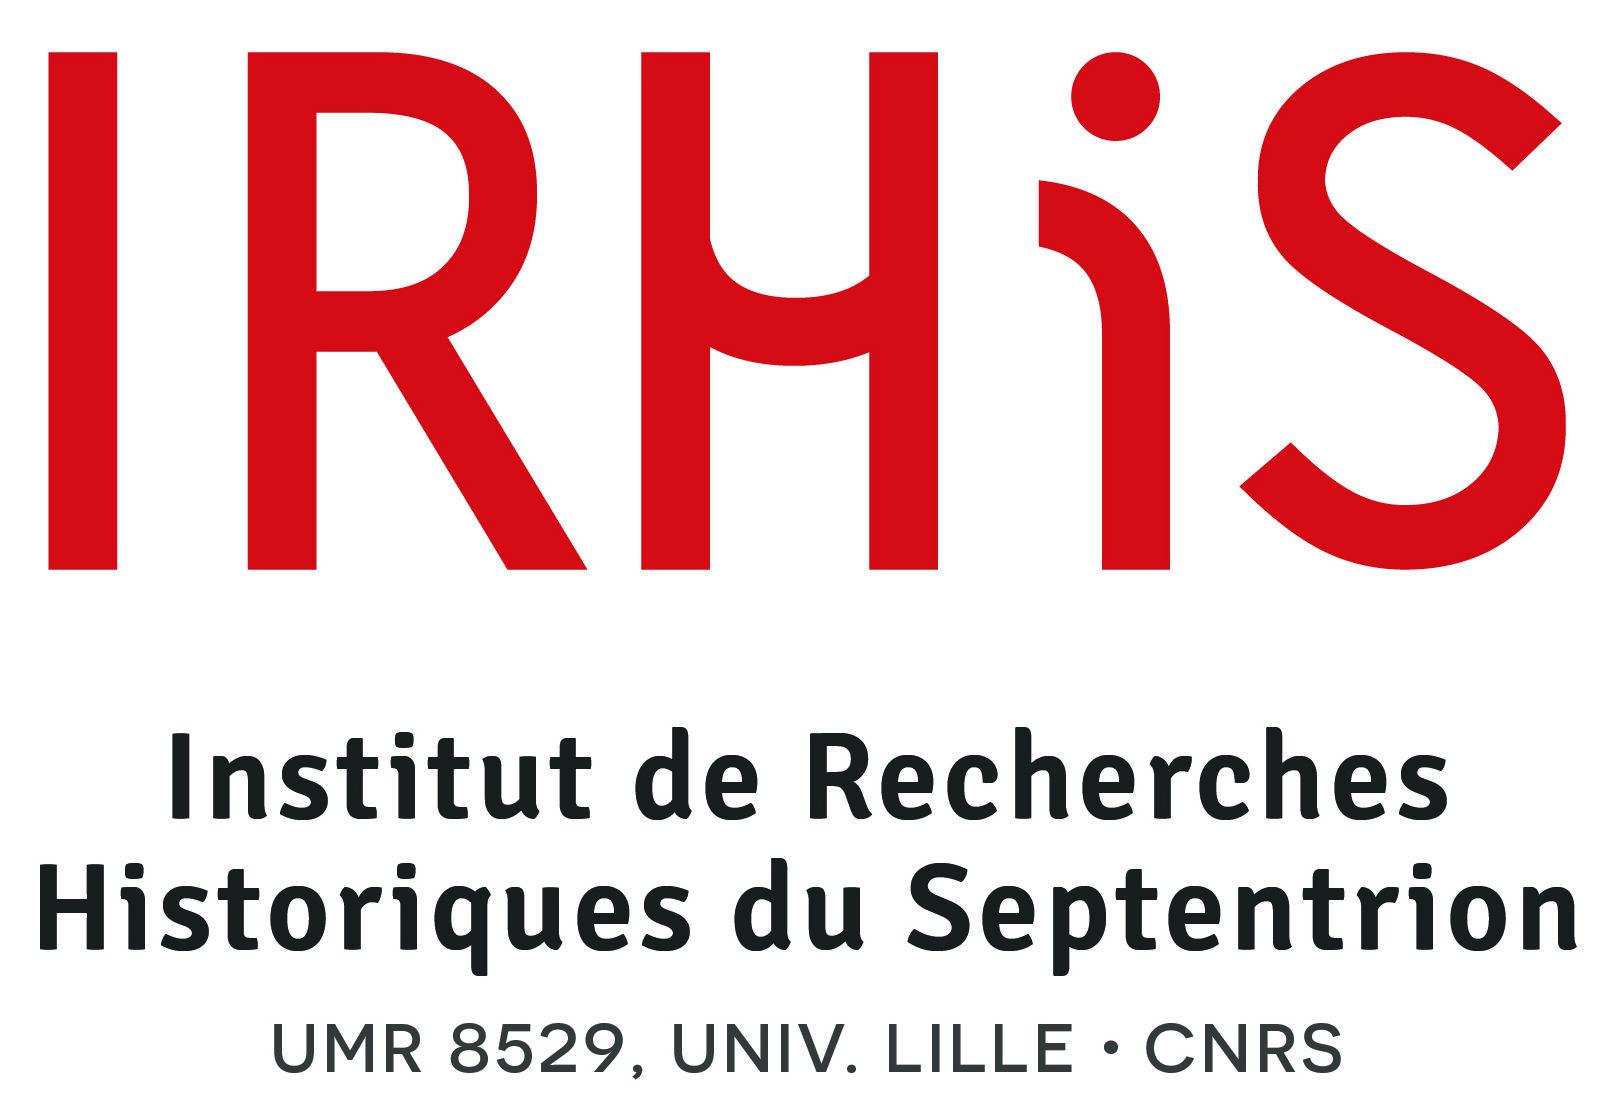 Institut de Recherches Historiques du Septentrion